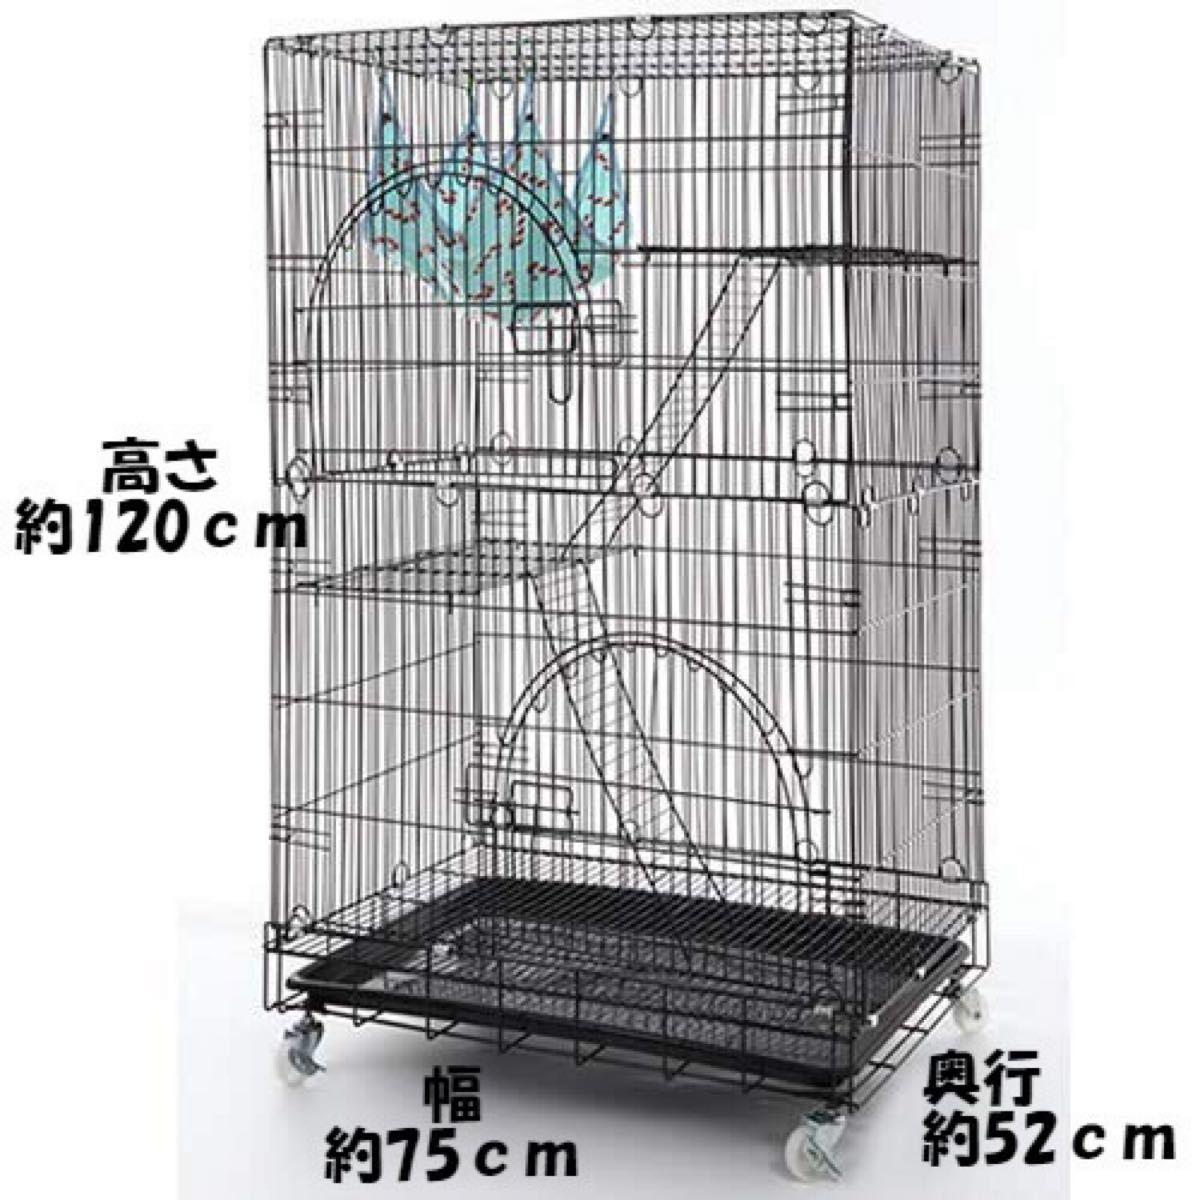 猫ケージ キャットケージ ペットハウス 大型 折りたたみ式 2段 ケージ  黒